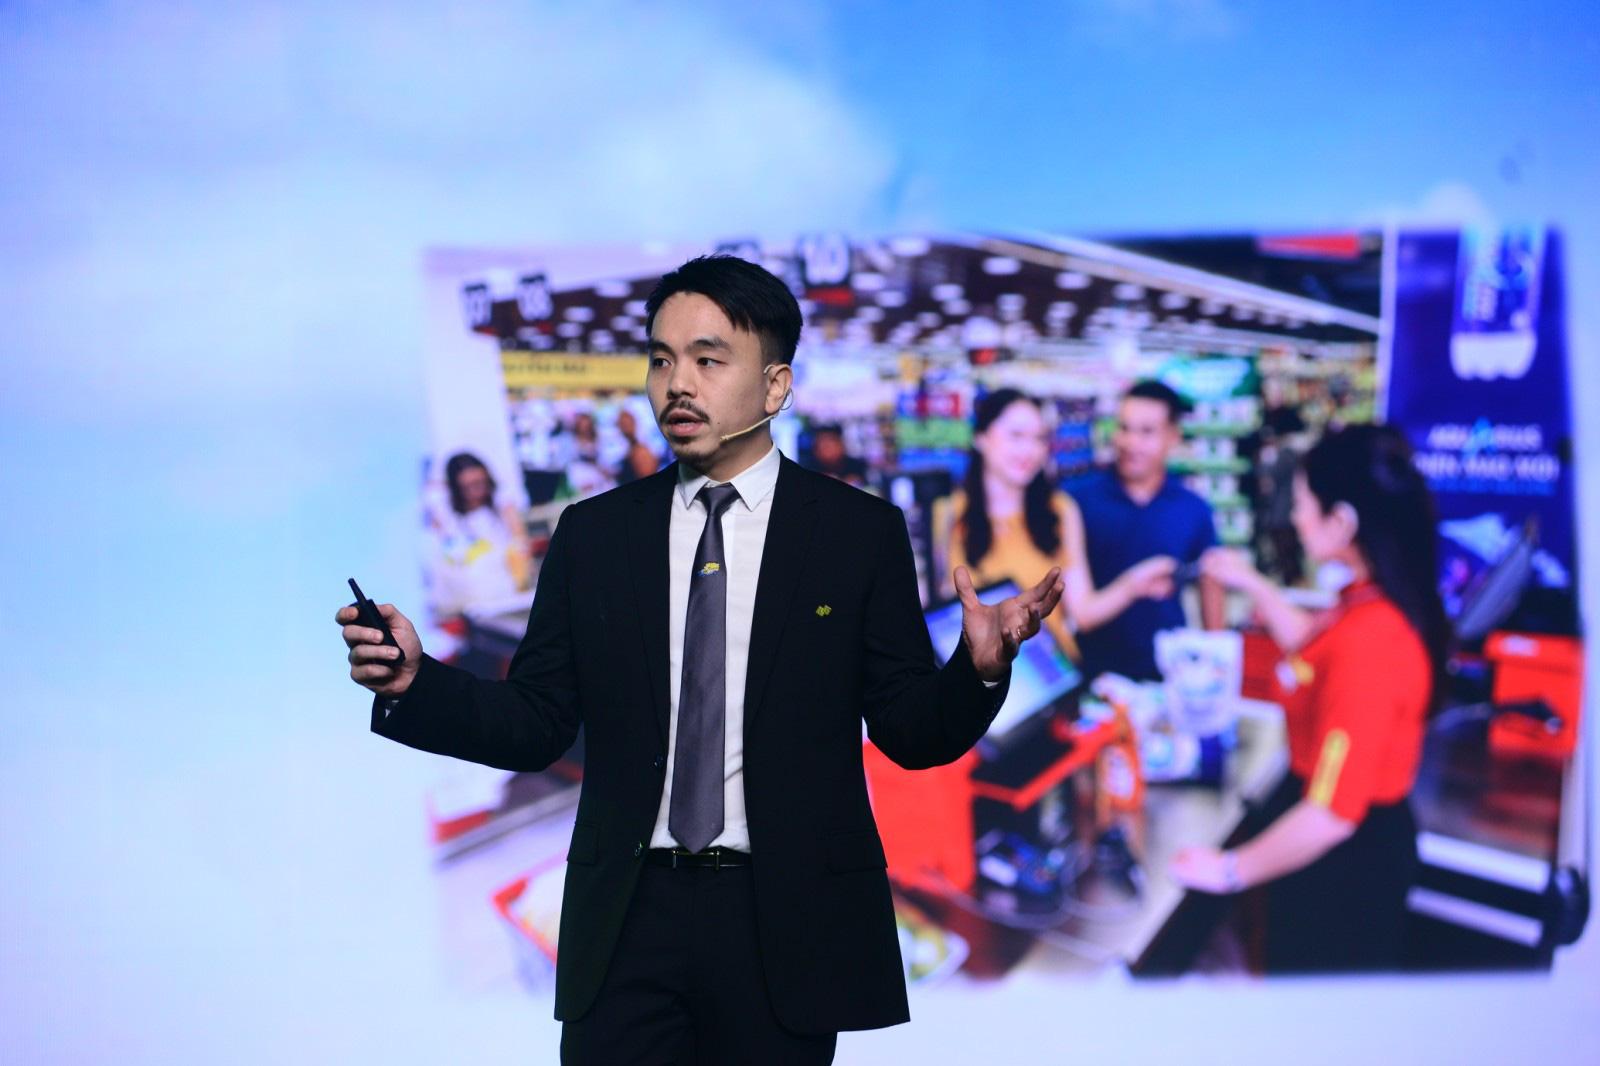 Masan tiết lộ chìa khóa để trở thành 50 tiêu dùng- bán lẻ hàng đầu thế giới: Vinmart! - Ảnh 2.